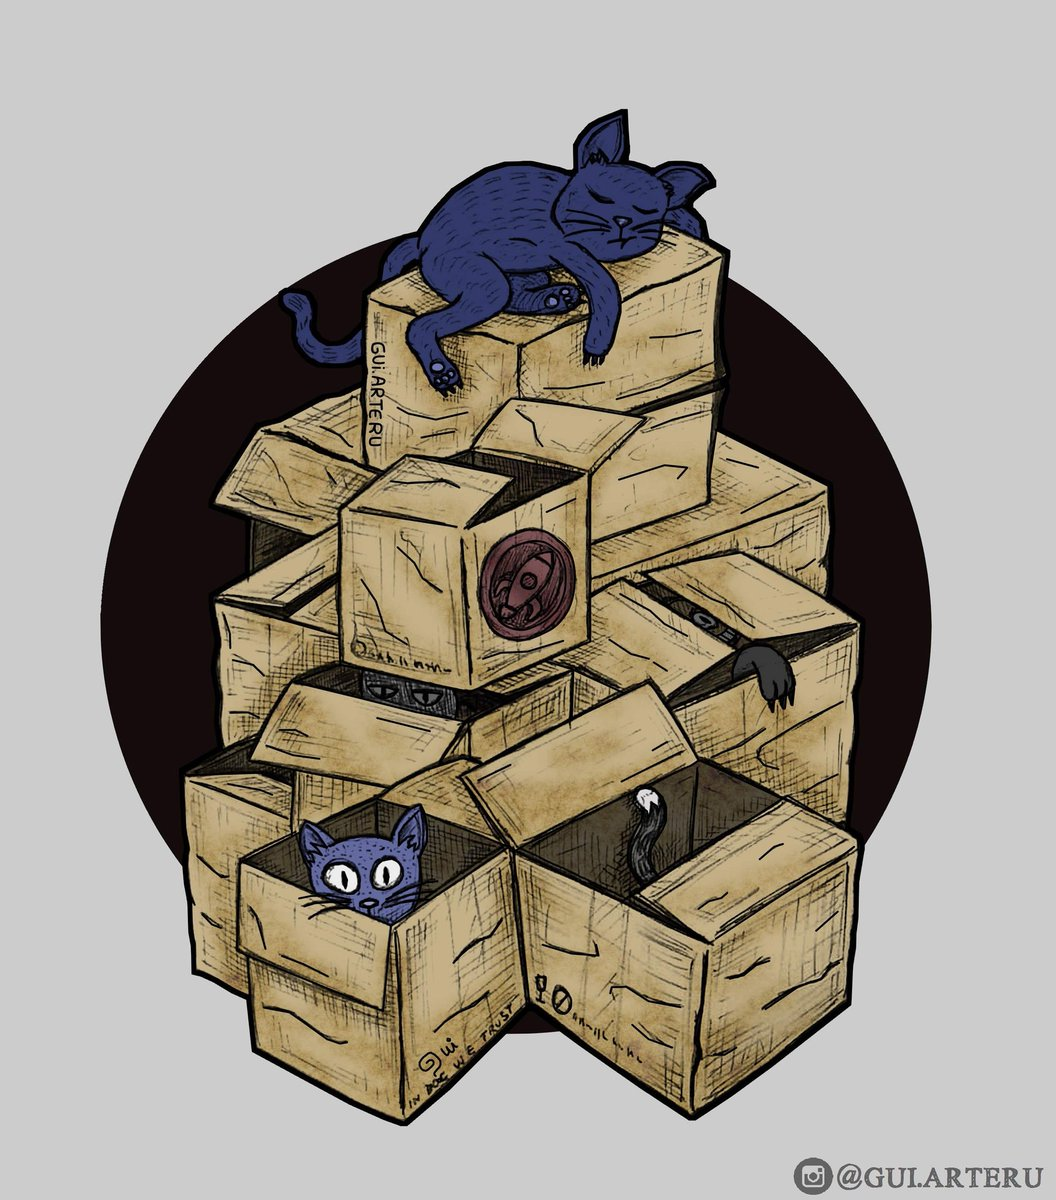 Pode parecer só uma #montanha de caixas, mas para esses #gatos é o #paraiso ... Mais um #desenhocolorido no #FireAlpacapic.twitter.com/Nu9qDerRec